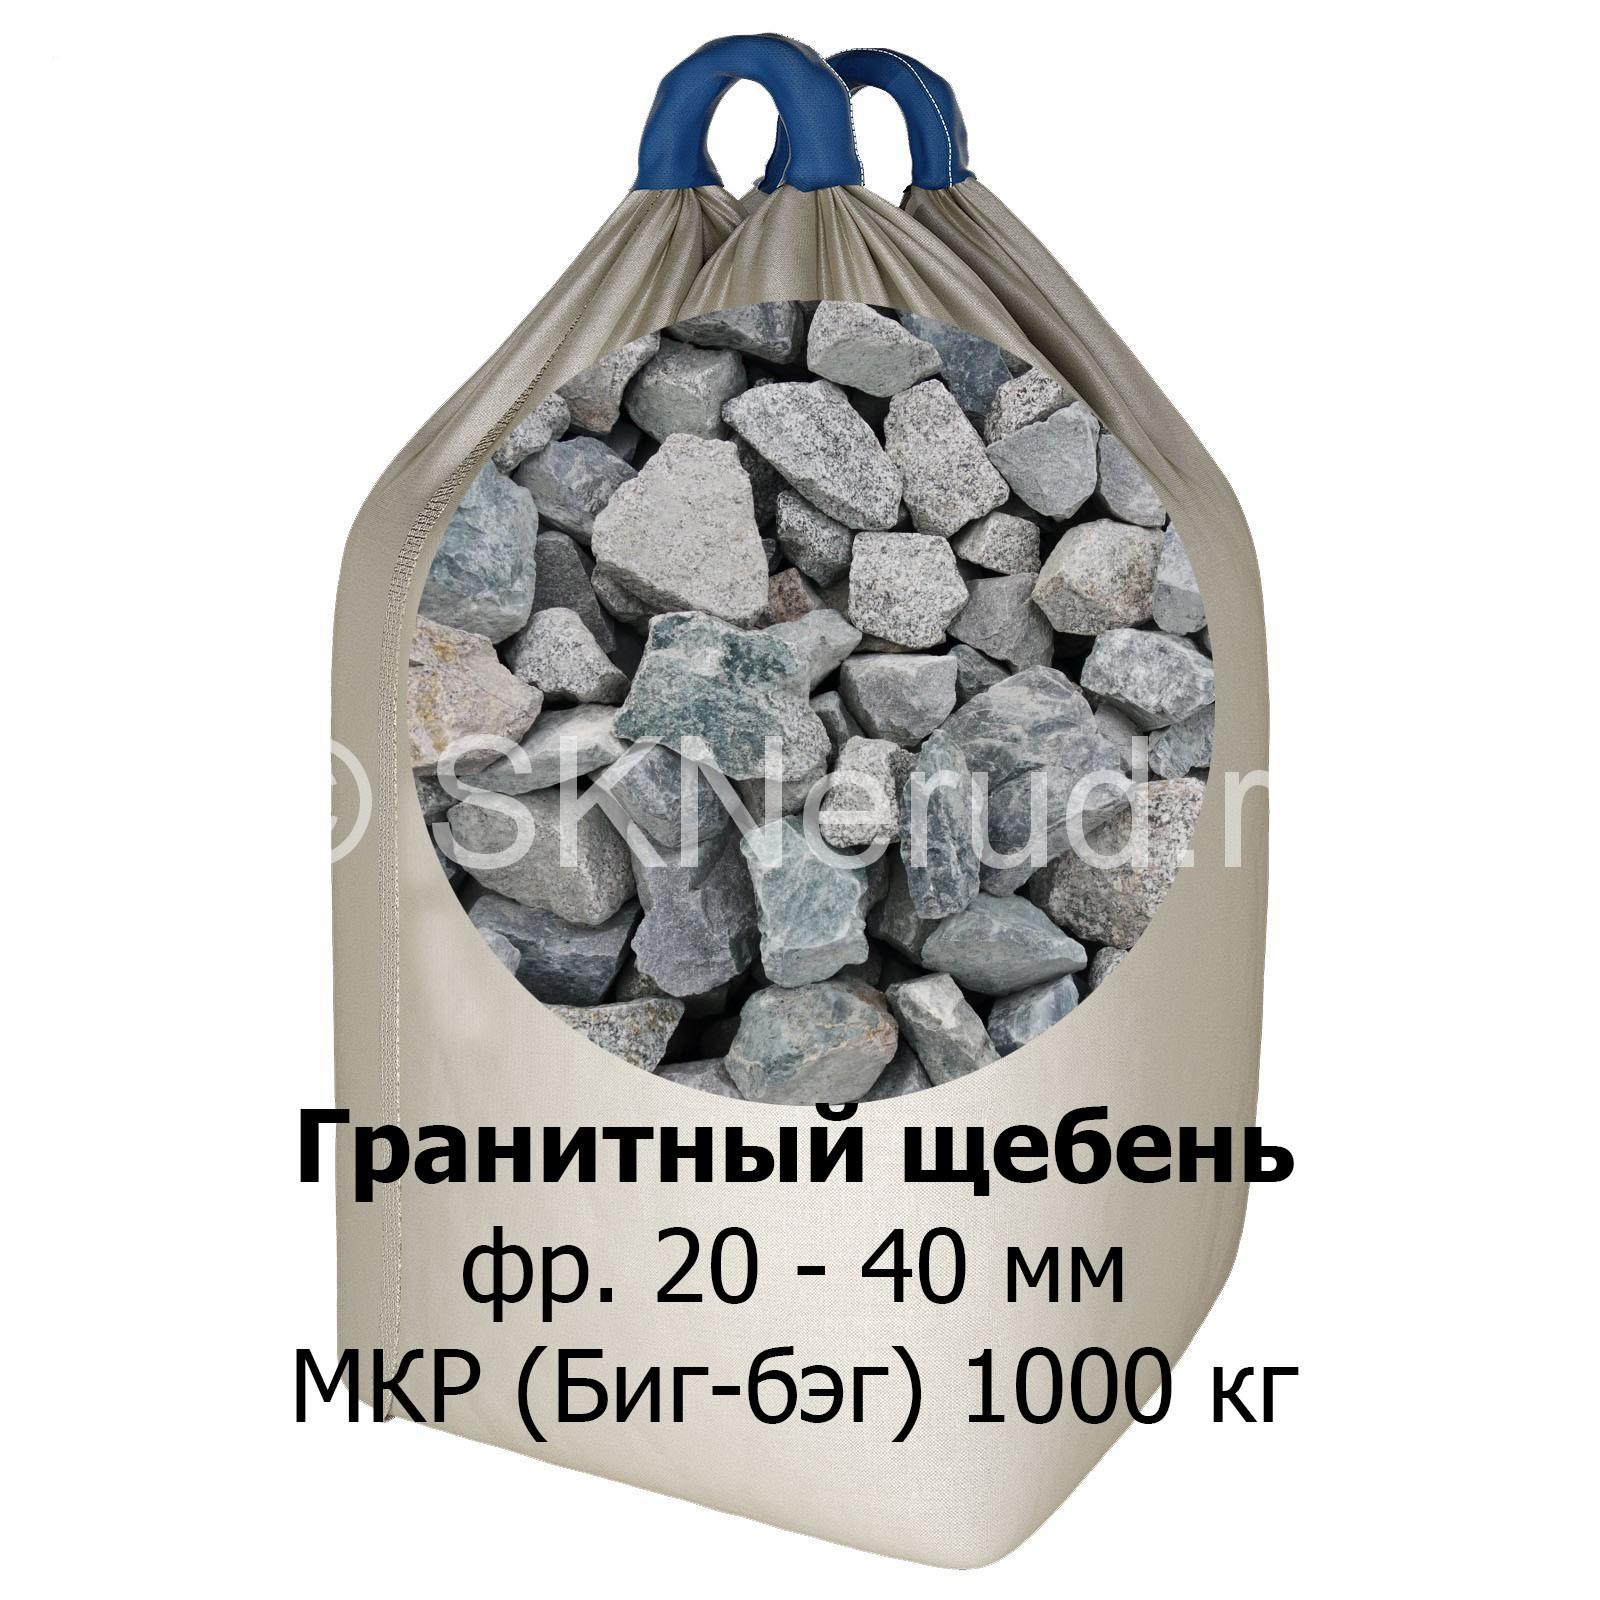 Щебень гранитный 20-40 в МКР (Биг-бег)